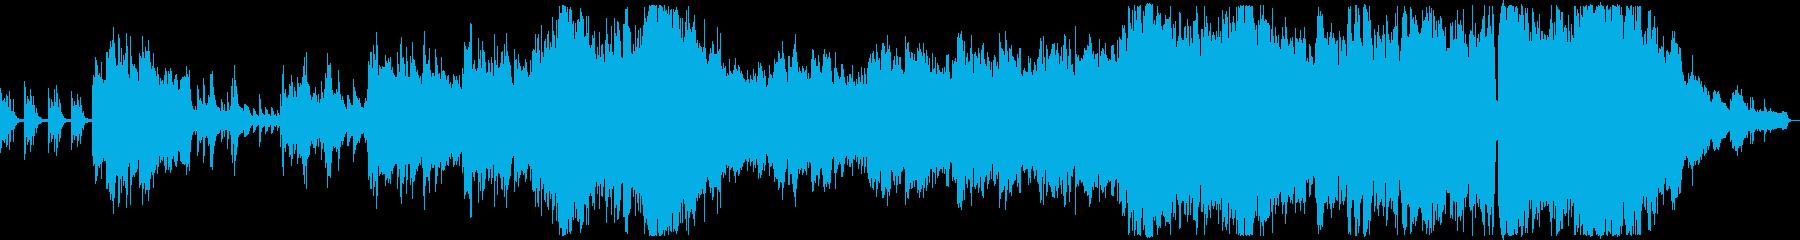 悲しみに満ちたバラード3の再生済みの波形